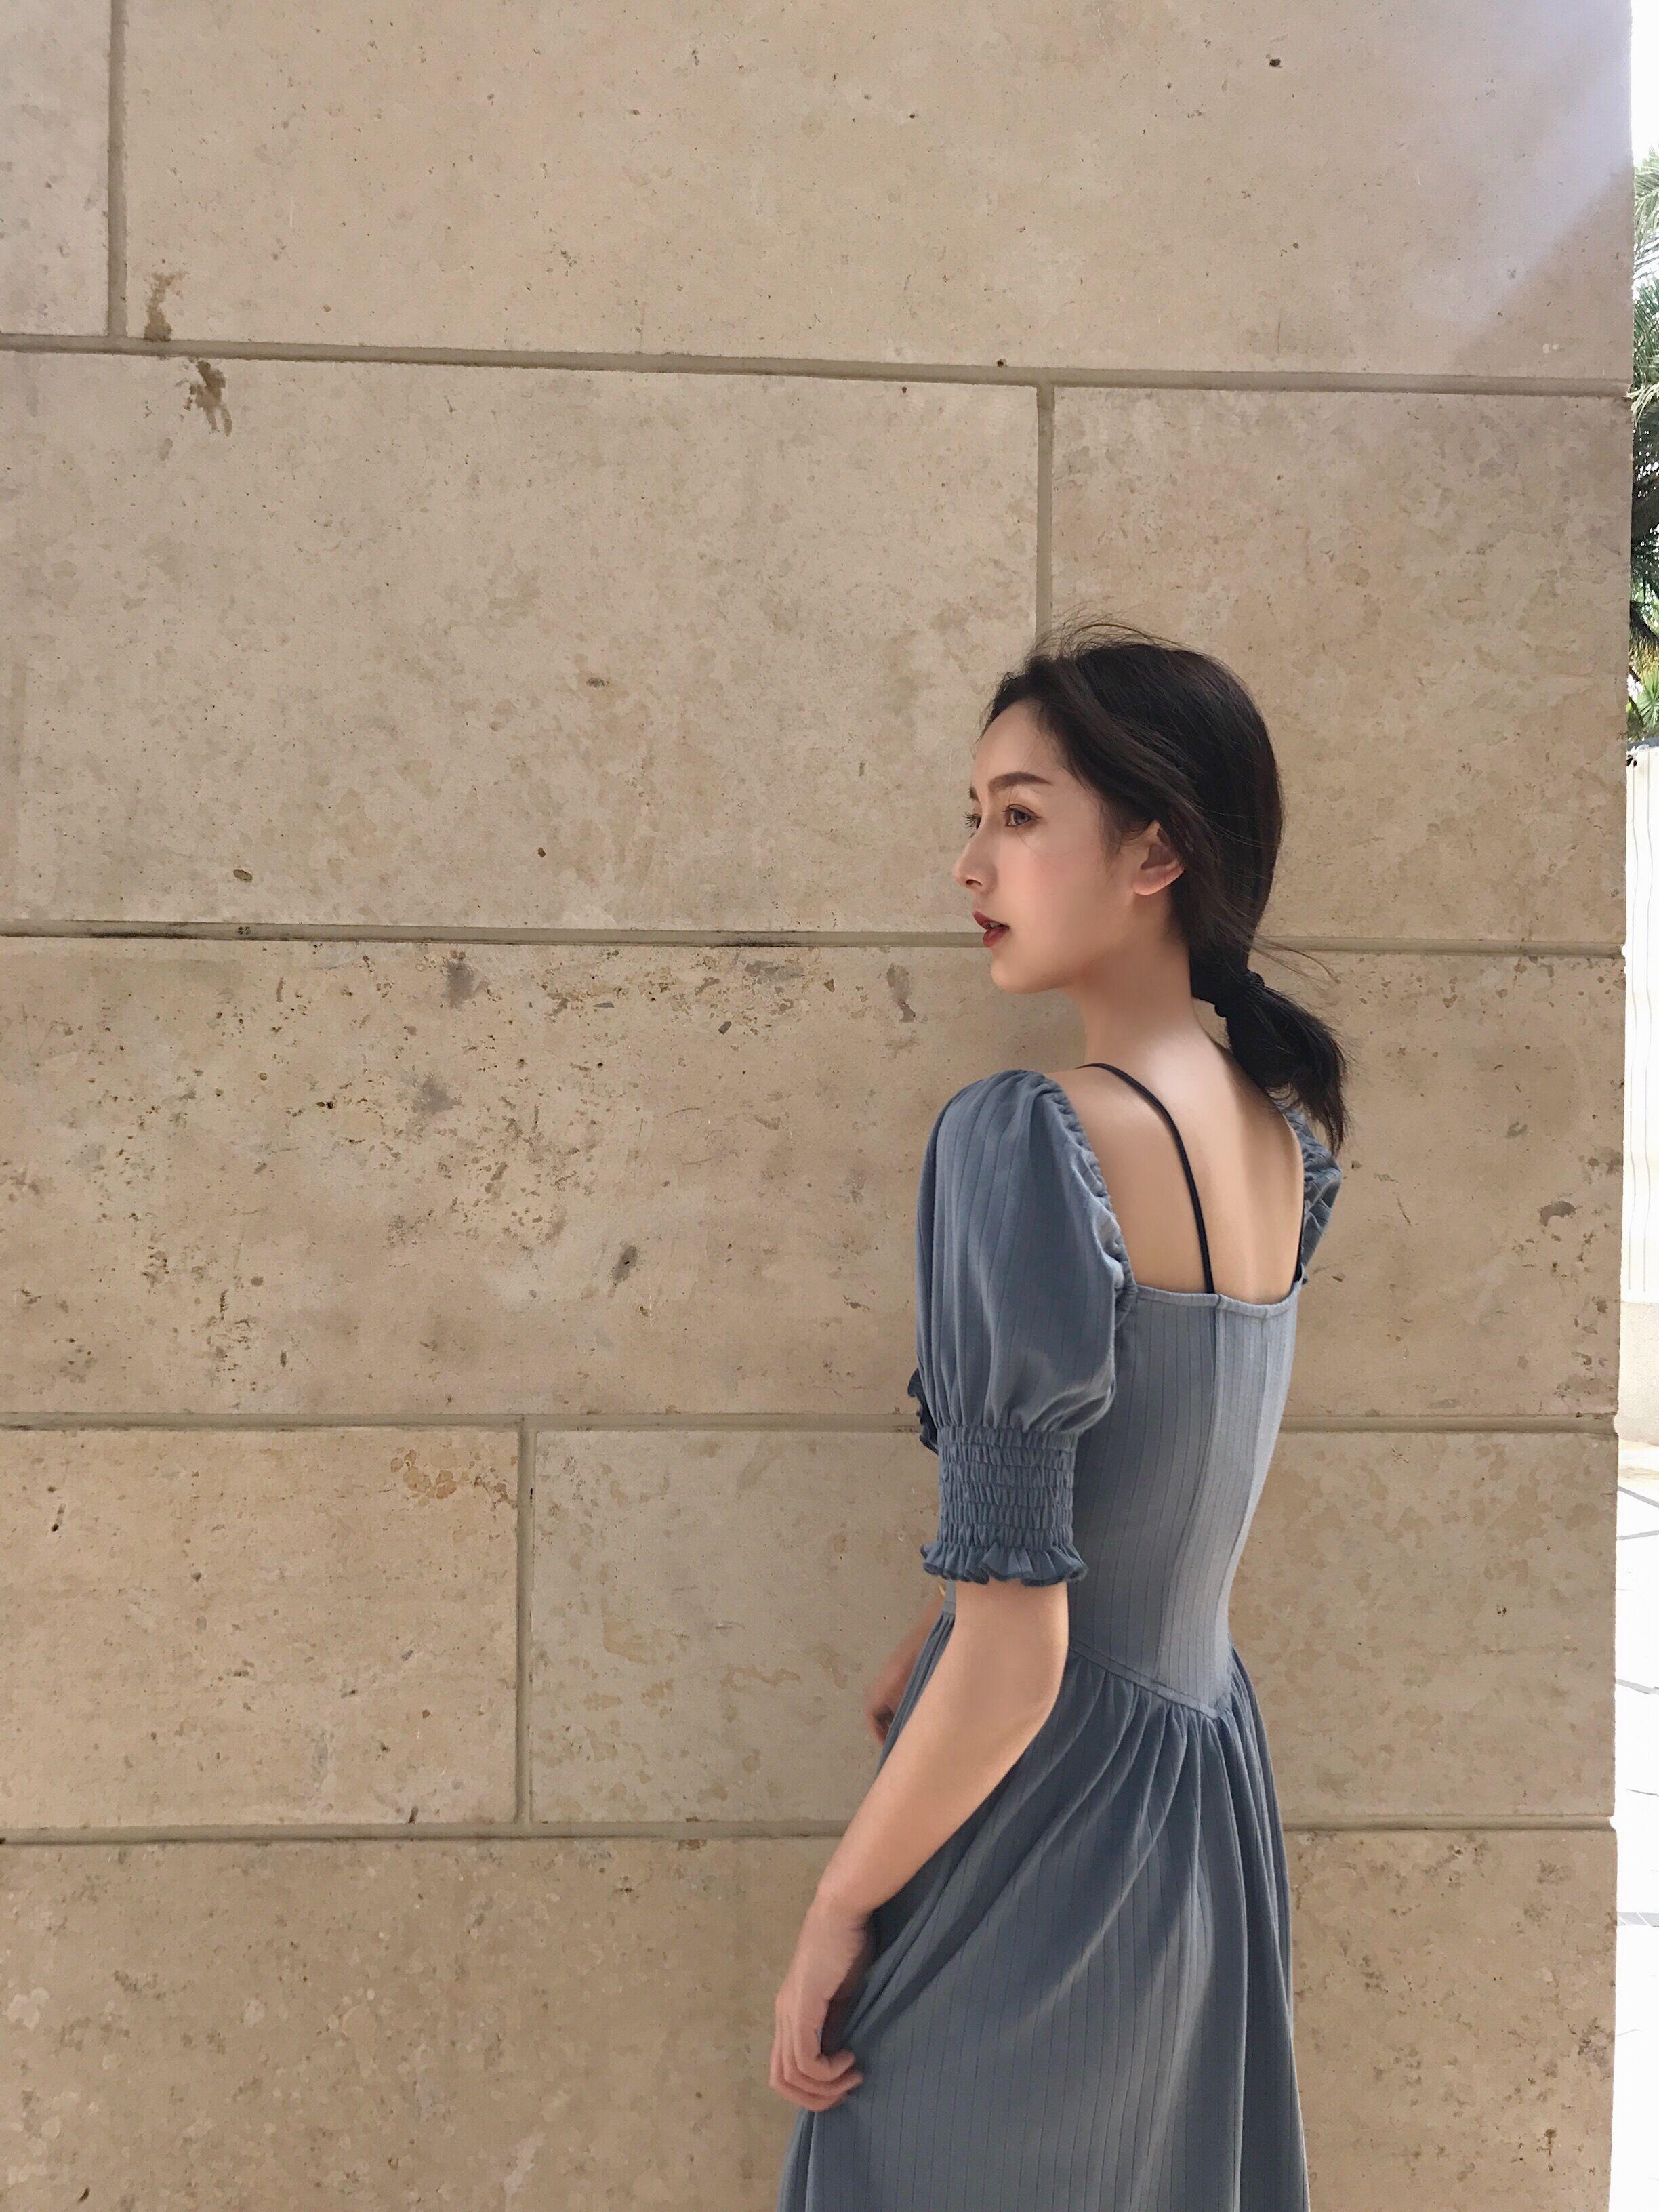 Đào có thể PEACHCOLA xem indigo Độc quyền ban đầu tòa án gió nhung dây đeo Knit dress